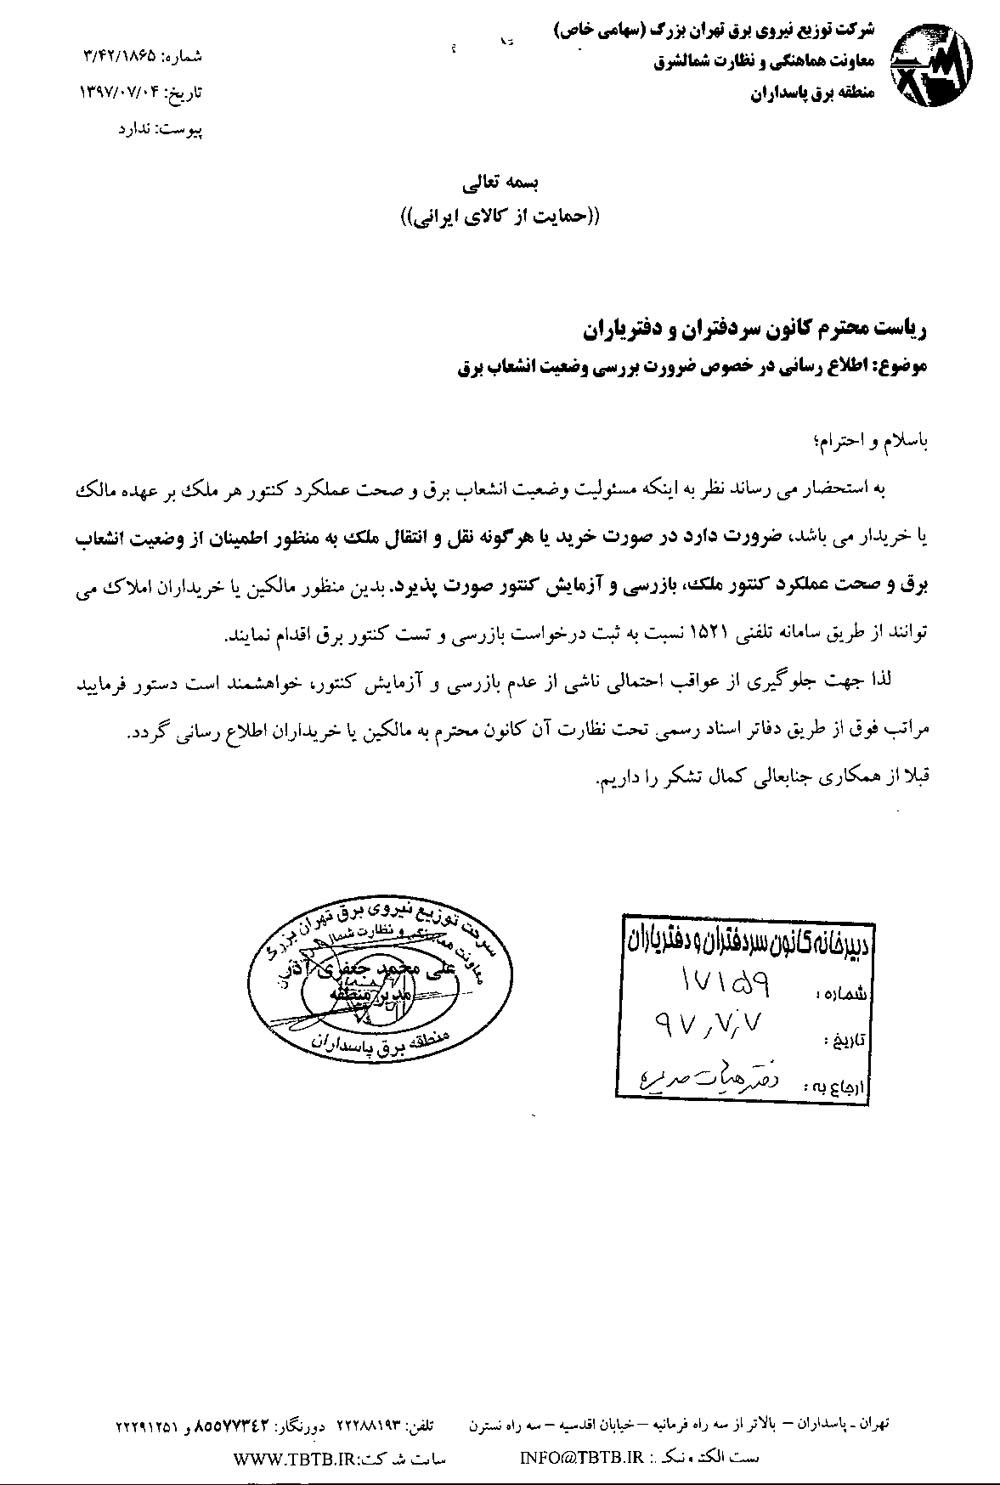 شماره تلفن 1521 جهت اطلاع خریداران از وضعیت انشعاب برق و صحت عملکرد کنتور هر ملک توسط شرکت توزیع نیروی برق تهران بزرگ اعلام شده است